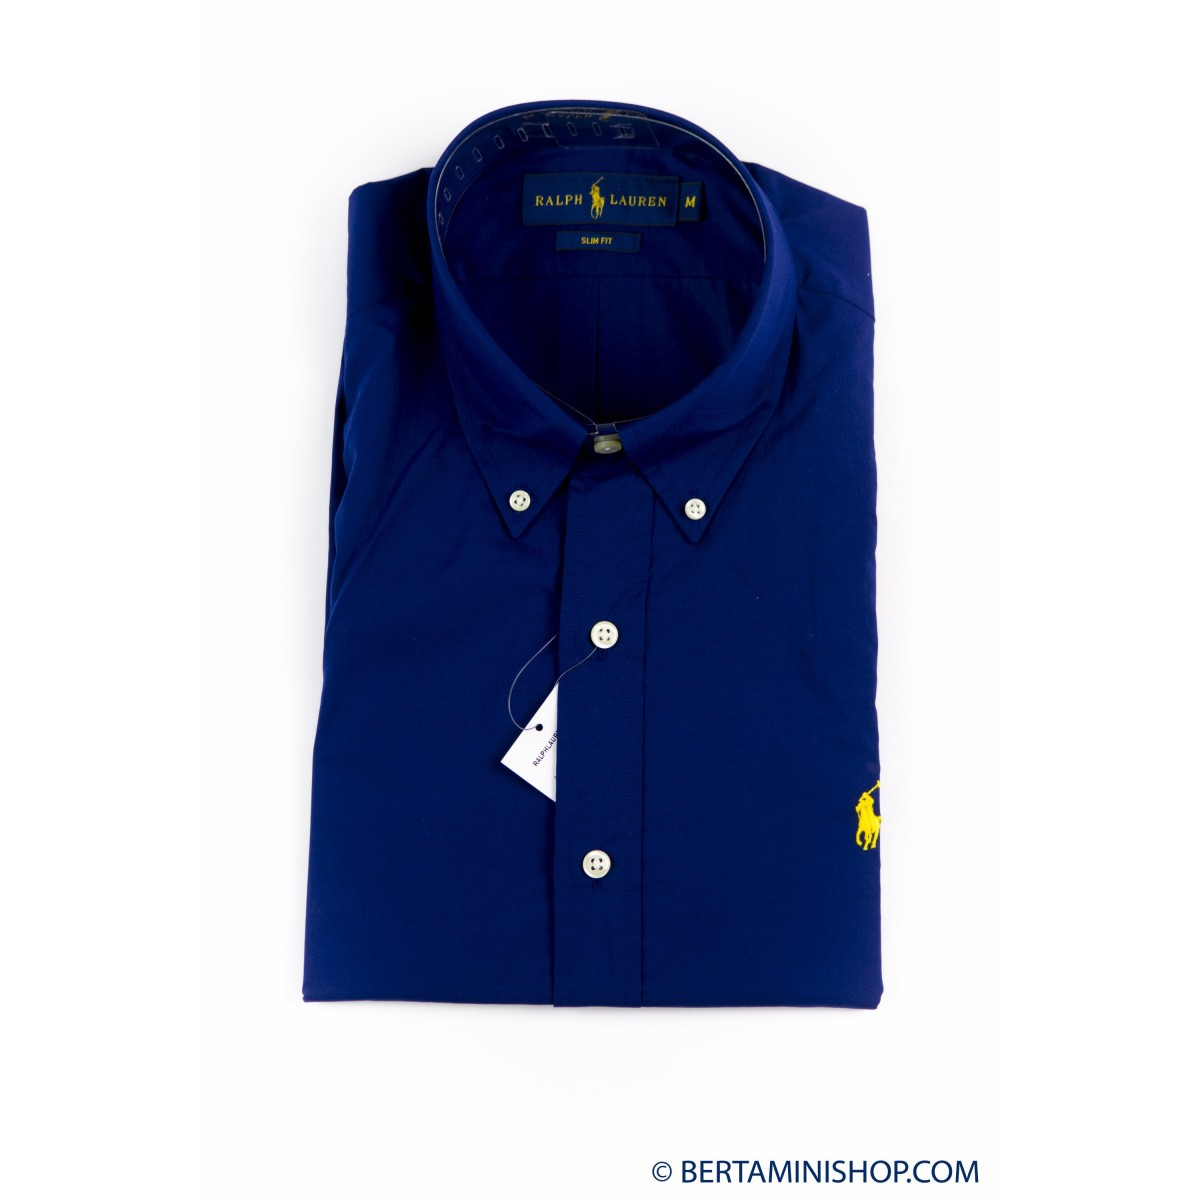 Hemd Ralph Lauren Manner - A04Wersmc0109 Popeline Slim B4919 - blu